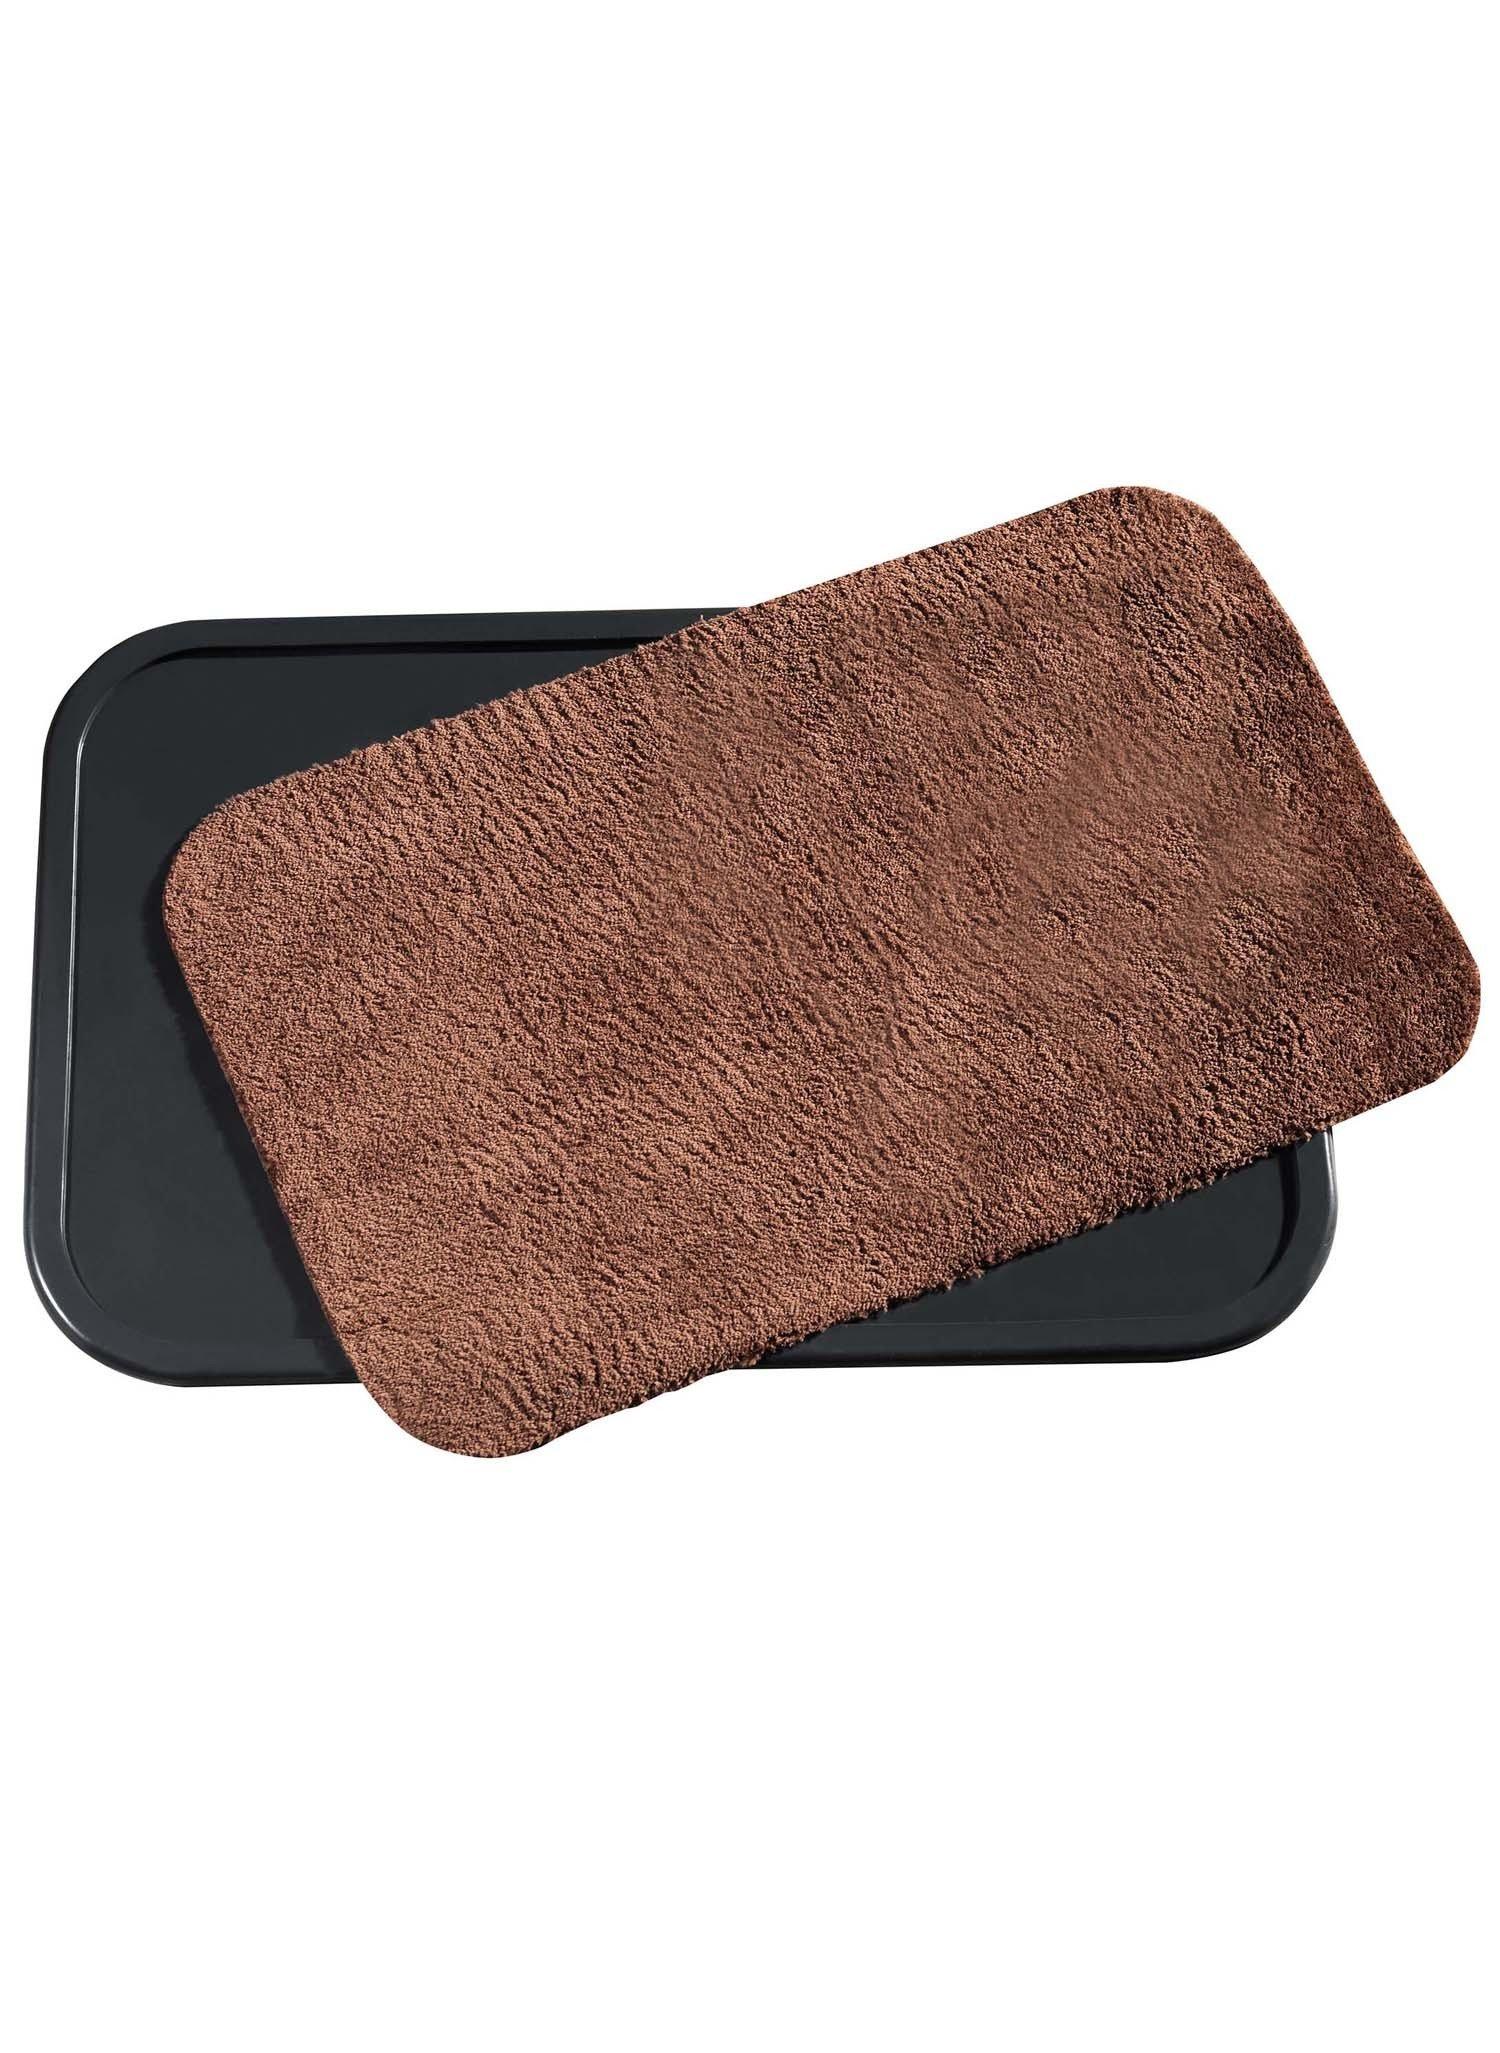 Waschbare Teppichvorl.braun - 2 - Ronja.ch